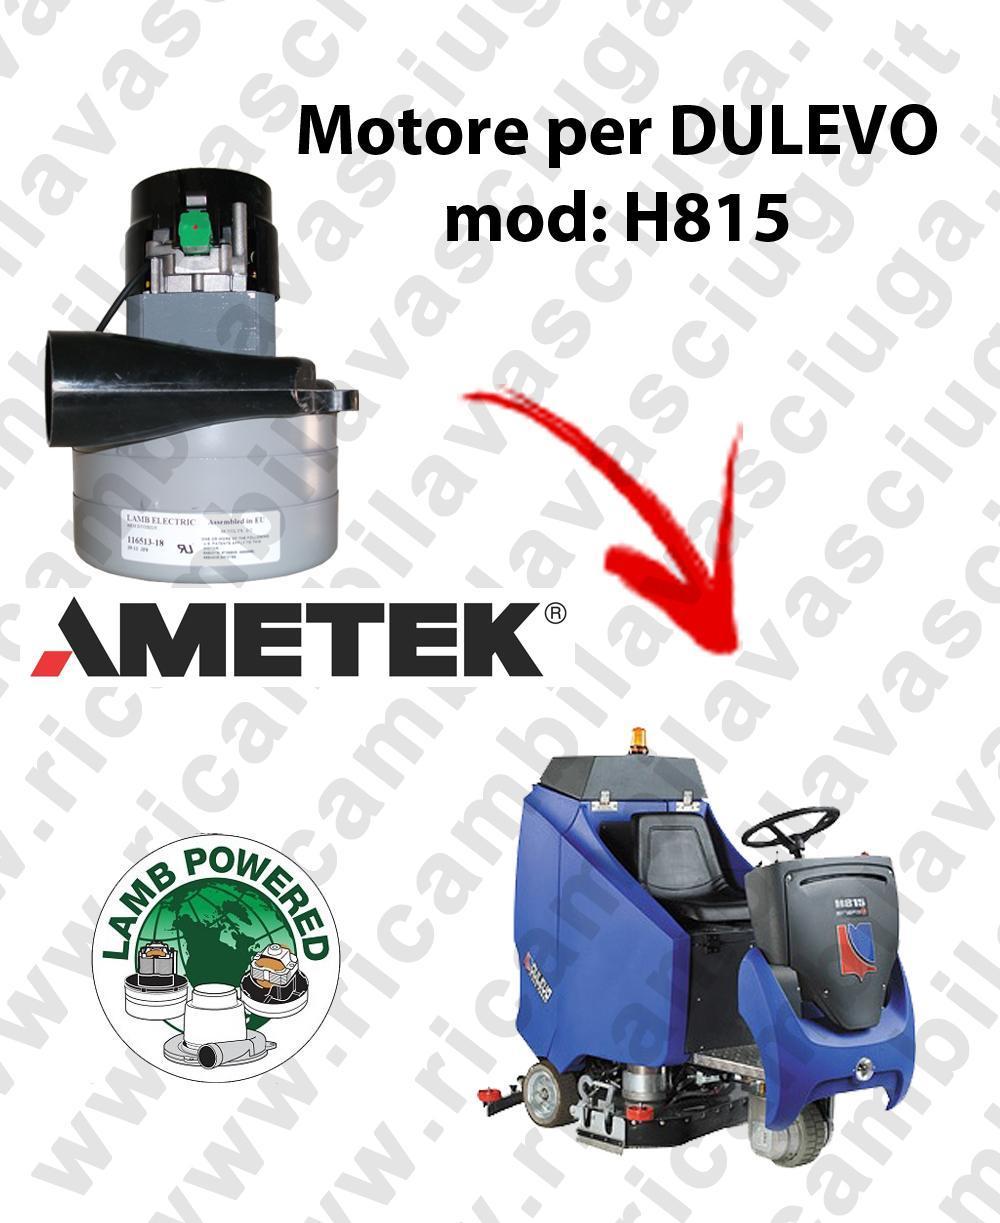 H815 LAMB AMETEK vacuum motor for scrubber dryer DULEVO